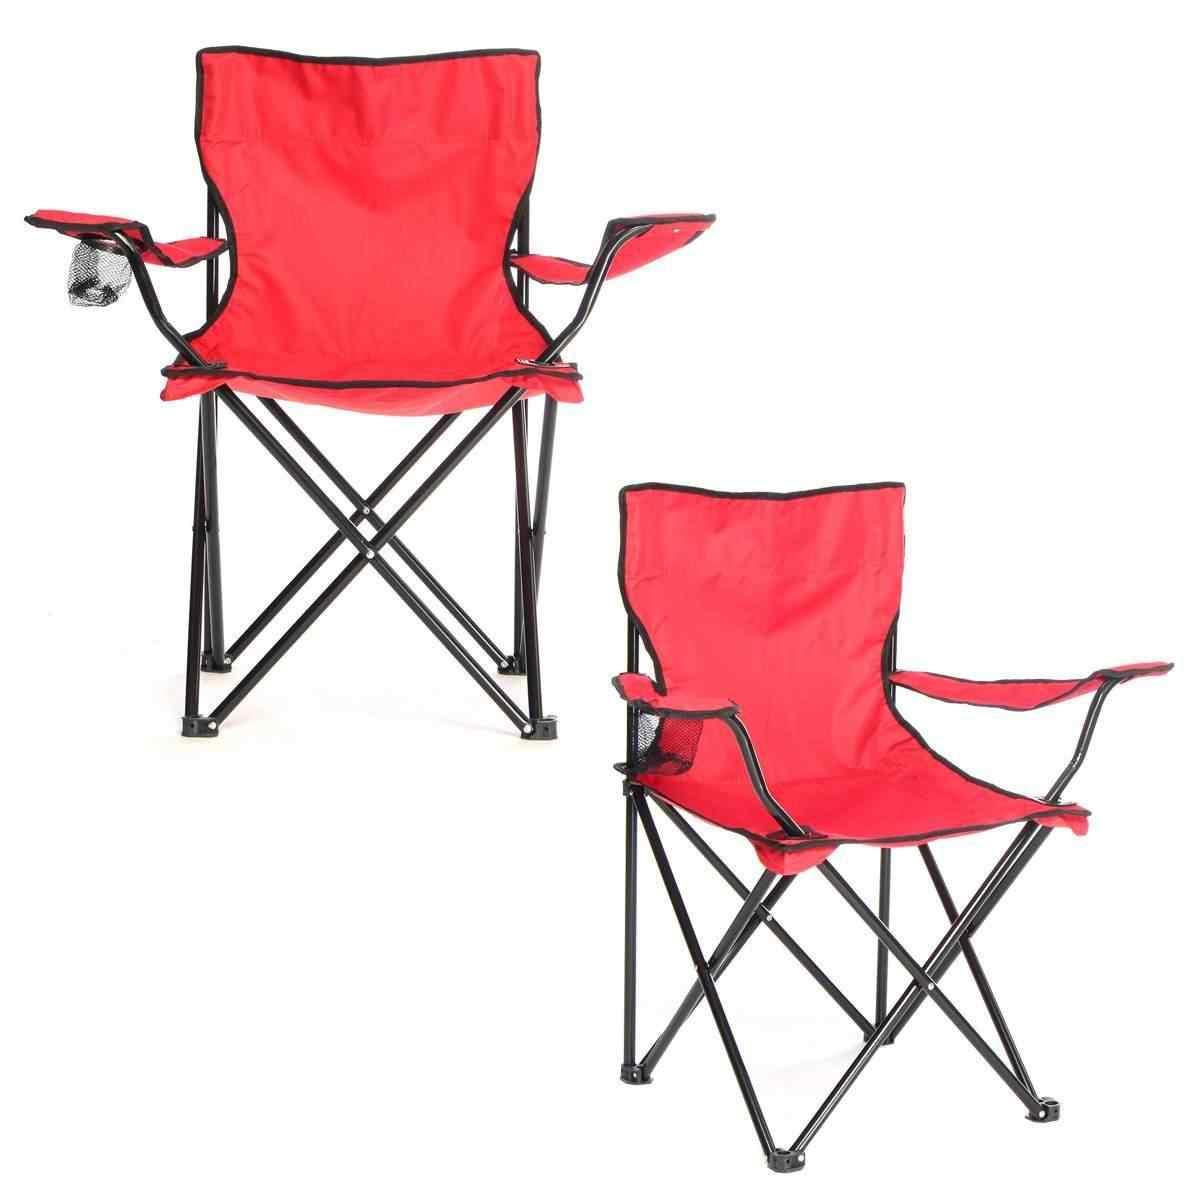 Kamptex Kamp Seti Katlanır Kamp Sandalyesi + Bez Masa 2+1 Kırmızı